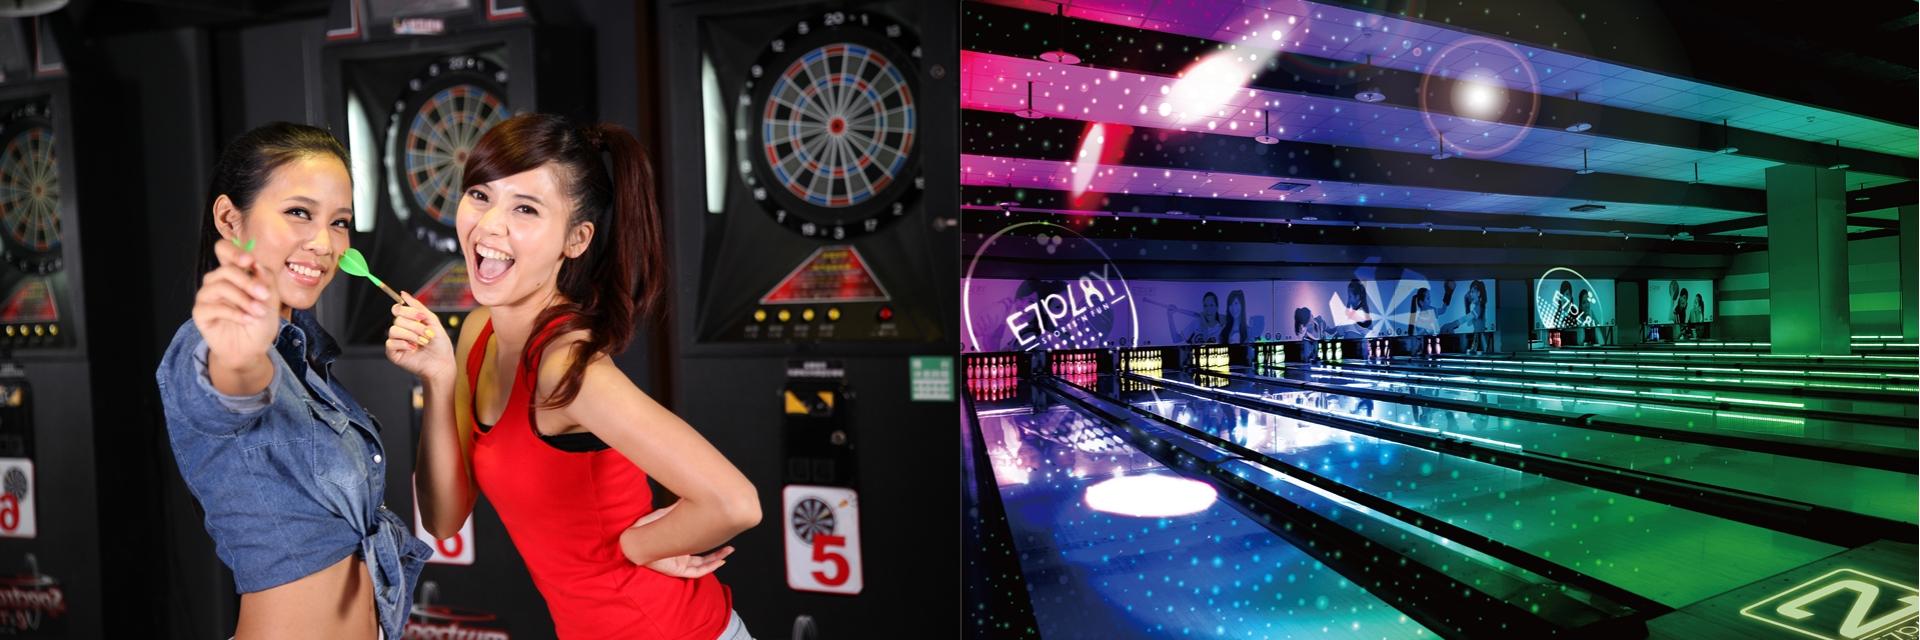 不用飛韓國!台灣也有夜光保齡球啦!「最狂潮玩 E7PLAY」 給你最酷炫的夜店風保齡球,還有超多遊戲機台,一票暢玩到底!